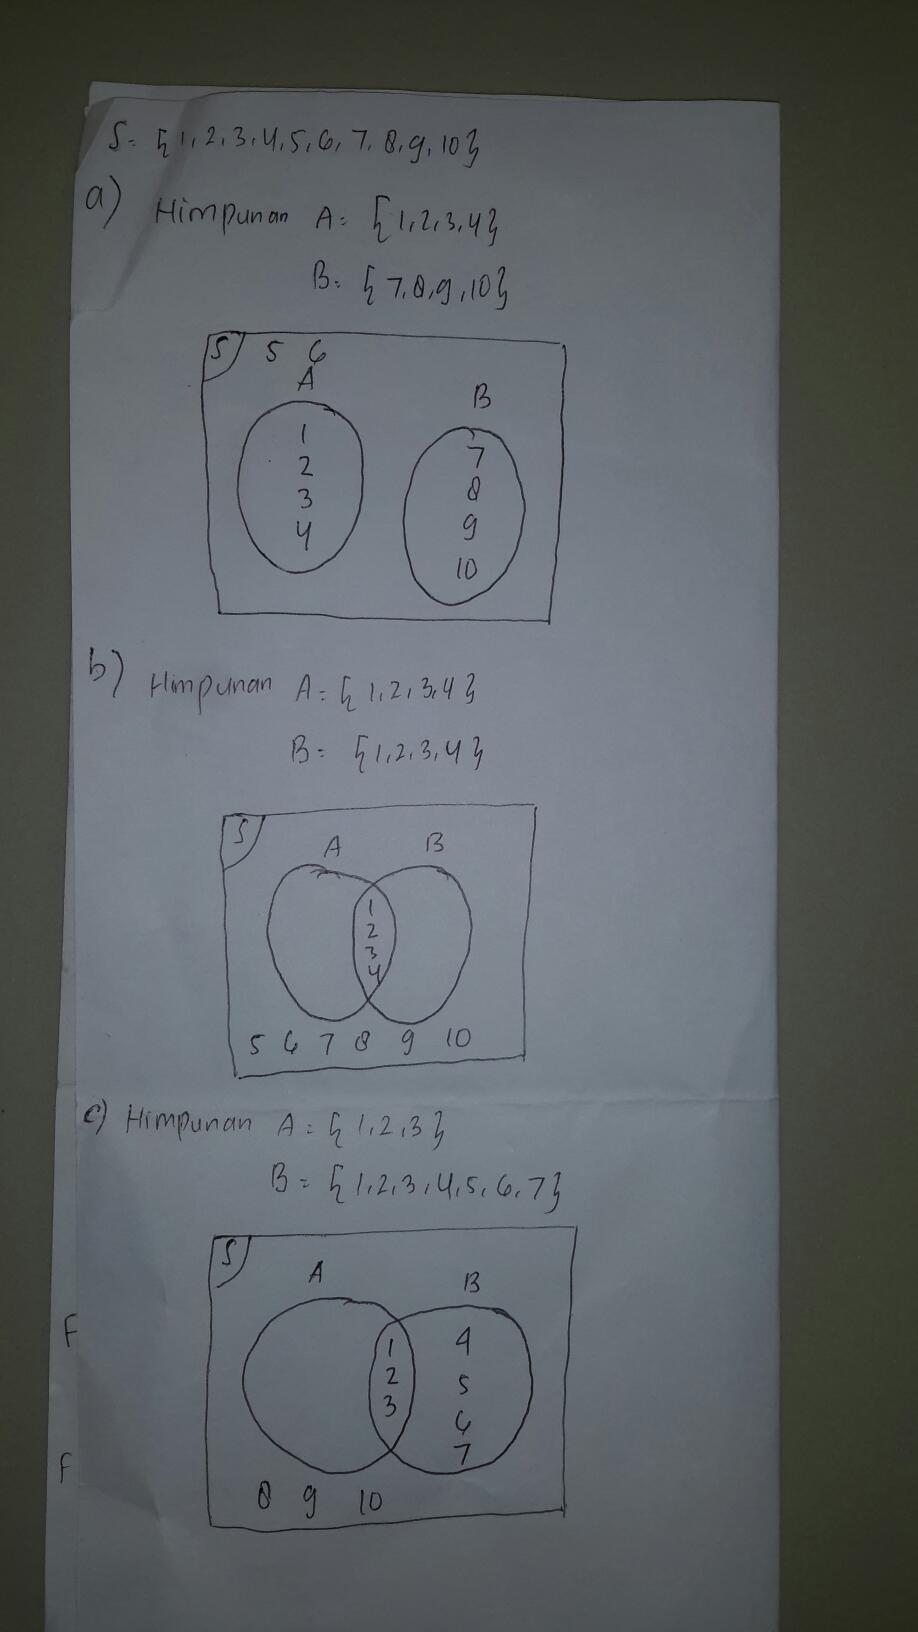 Jika Himpunan : himpunan, Gambarkan, Diagram, Himpunan, {1,2,3,4,5,6,7,8,910}, ={1,2,3,4}, Brainly.co.id